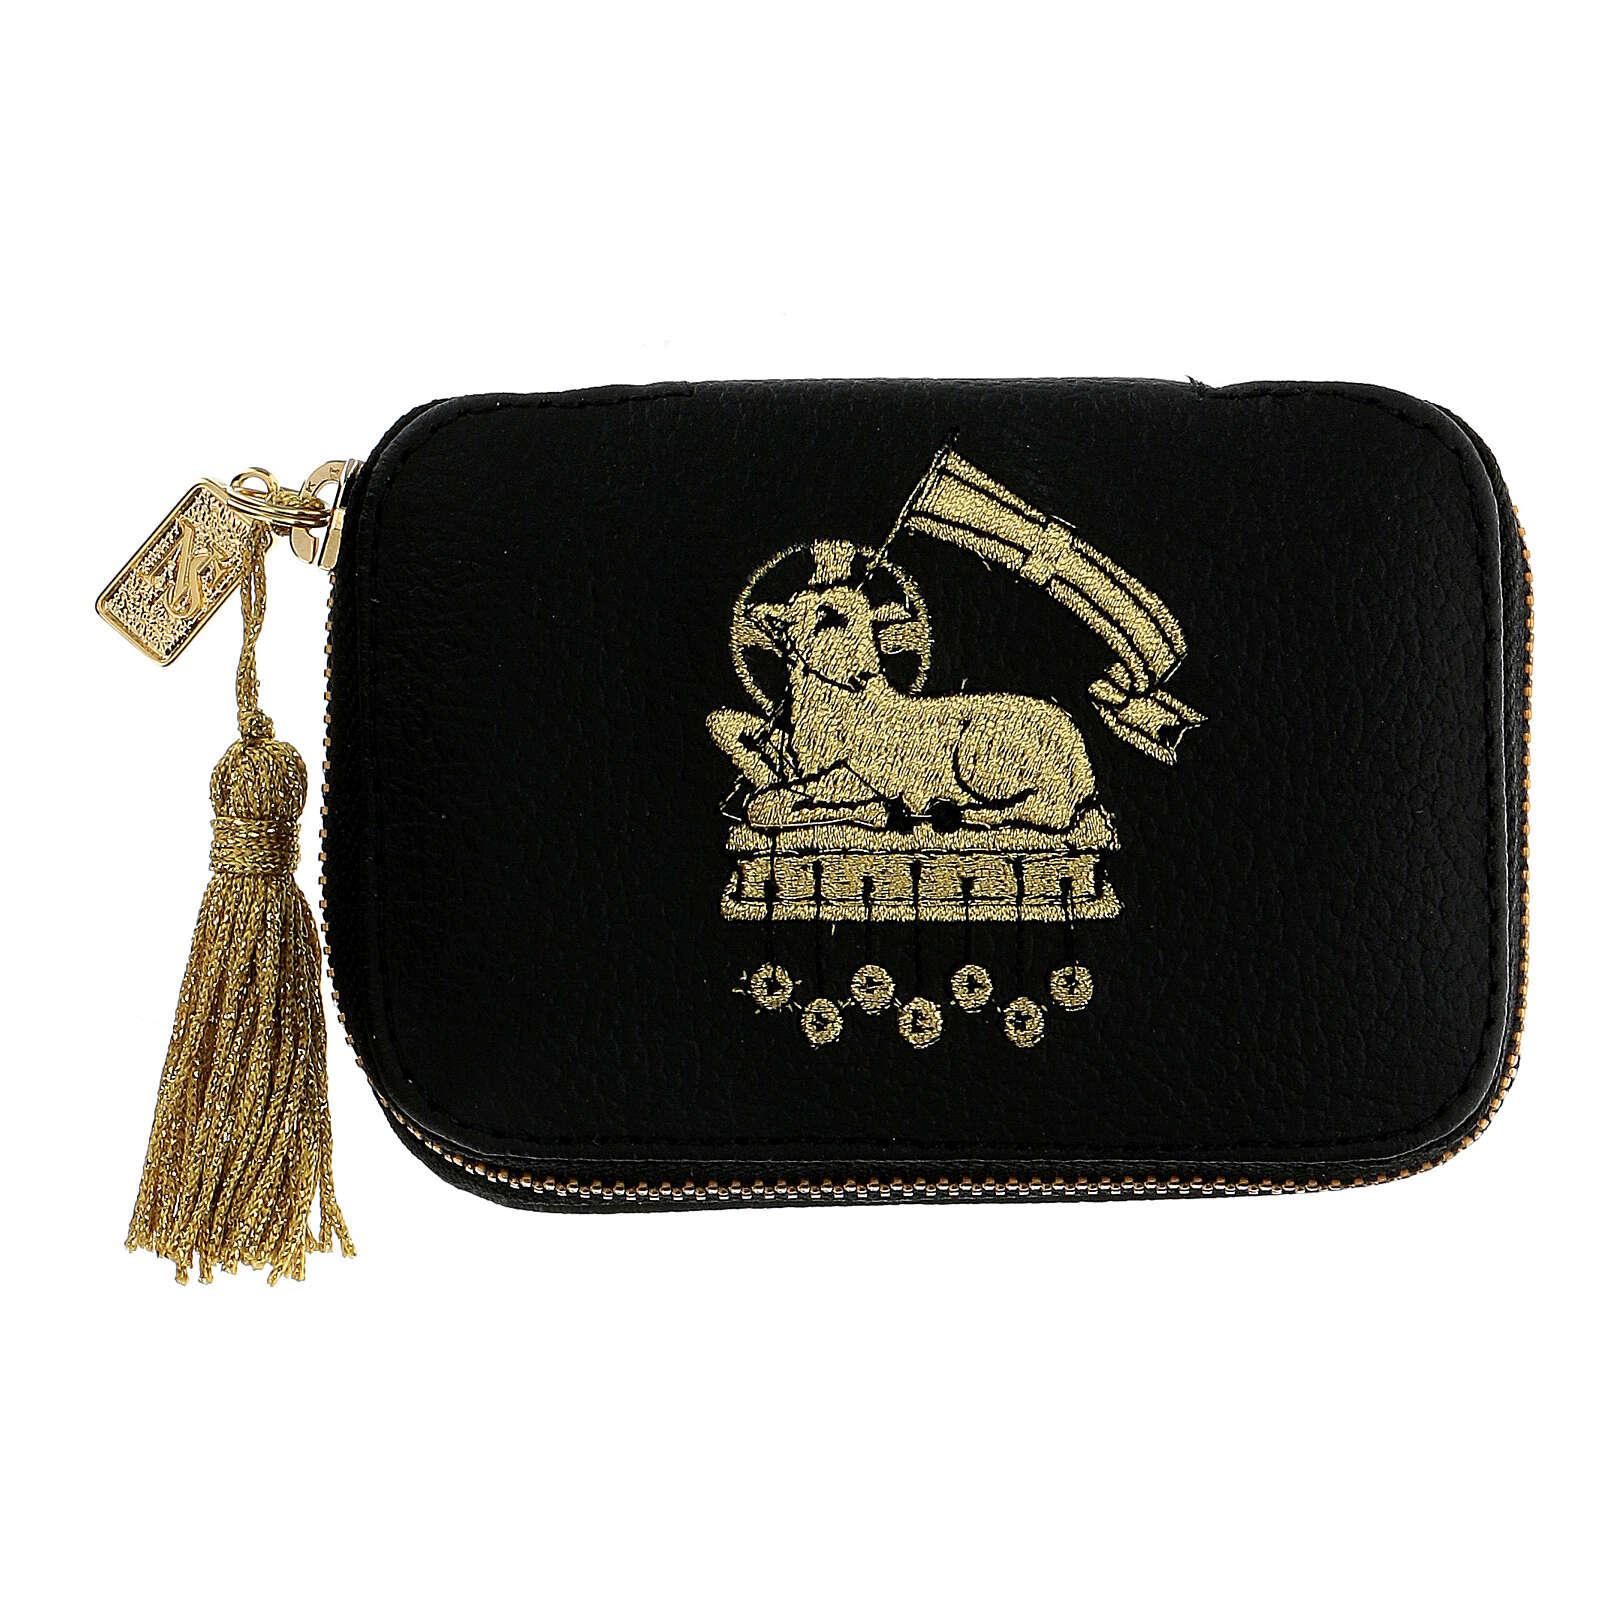 Leather Viaticum sick call set with lamb, pyx diam 5.5 cm 3